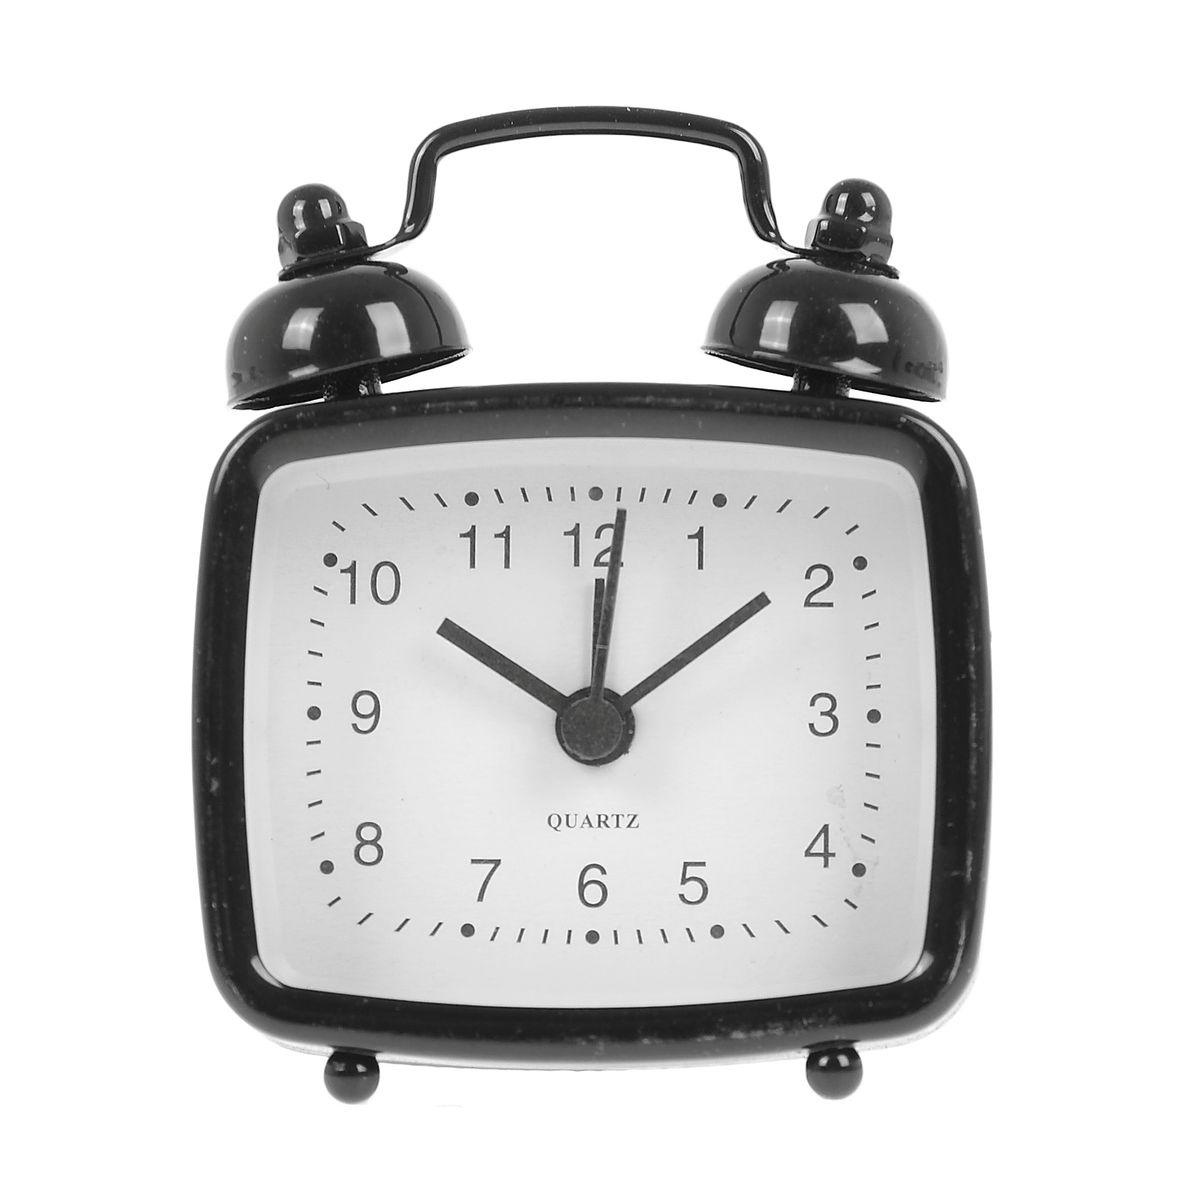 Часы-будильник Sima-land, цвет: черный. 840944840944Как же сложно иногда вставать вовремя! Всегда так хочется поспать еще хотя бы 5 минут ибывает,что мы просыпаем. Теперь этого не случится! Яркий, оригинальный будильник Sima-landпоможет вам всегдавставать в нужное время и успевать везде и всюду. Будильник украсит вашу комнату иприведет в восхищение друзей. Эта уменьшенная версия привычного будильника умещаетсяналадони и работает так же громко, как и привычные аналоги. Время показывает точно и будит вустановленный час. На задней панели будильника расположены переключатель включения/выключения механизма,атакже два колесика для настройки текущего времени и времени звонка будильника. Будильник работает от 1 батарейки типа LR44 (входит в комплект).